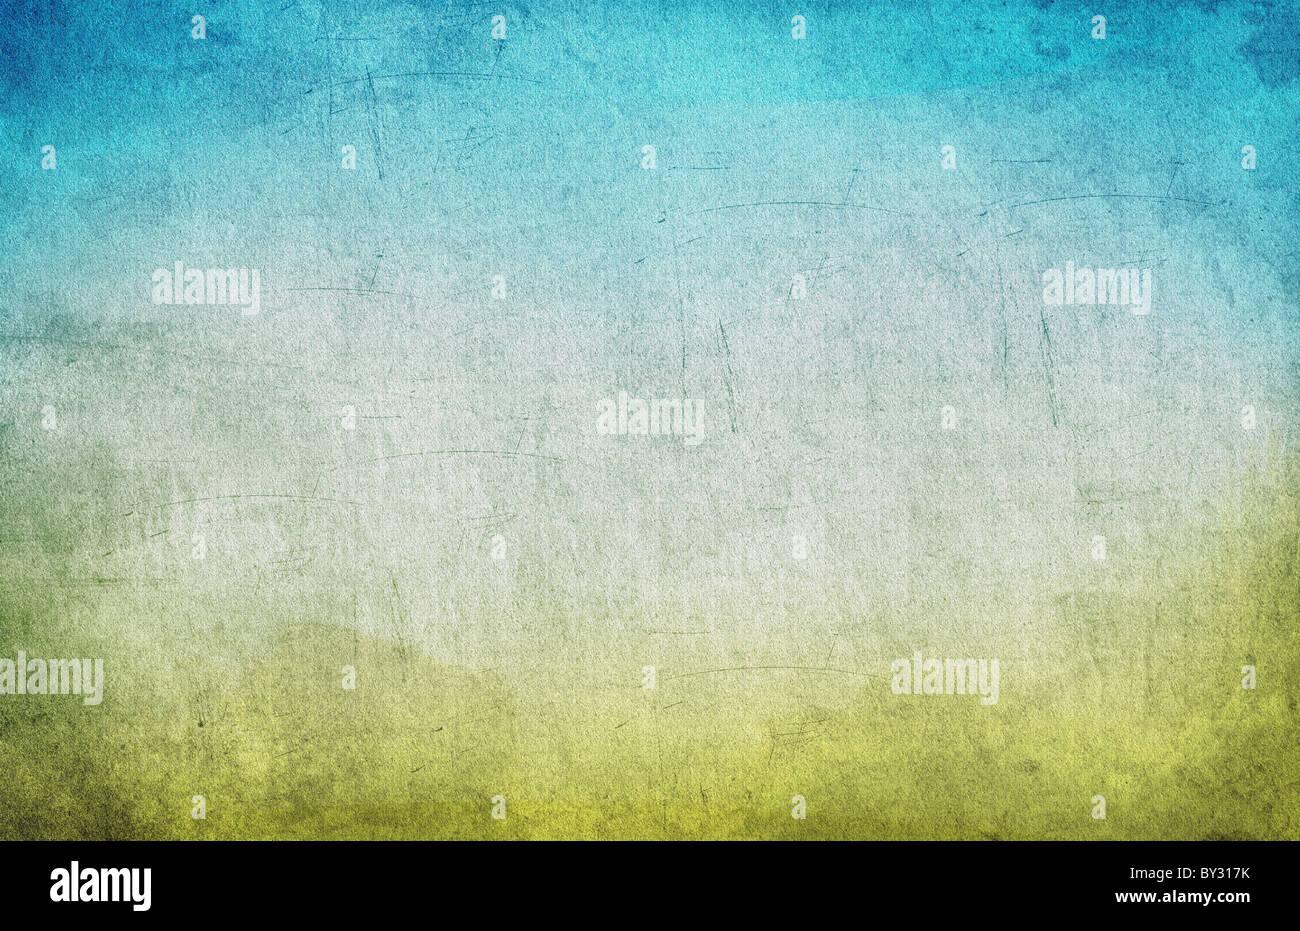 Textura de fondo grunge con espacio para texto o imagen Imagen De Stock